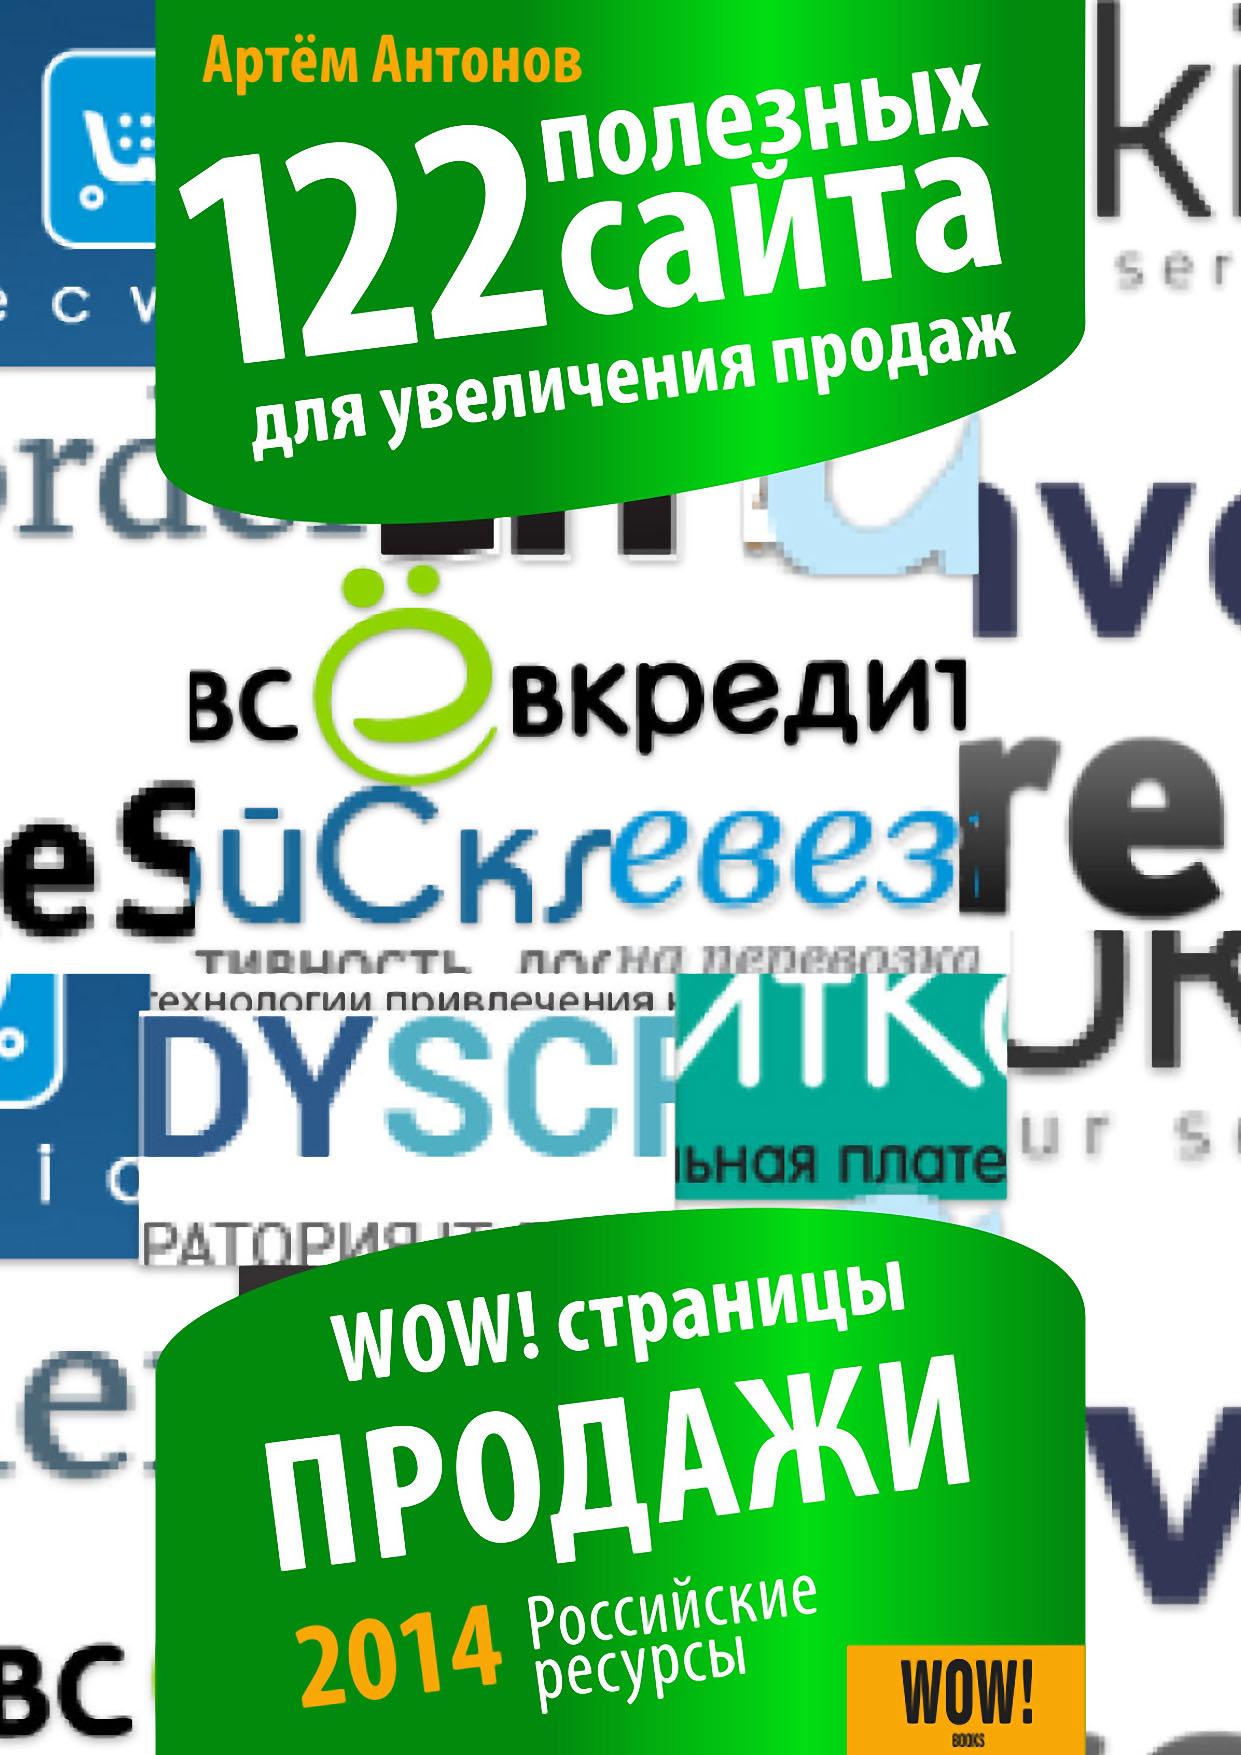 Артём Антонов 122 полезных сайта для увеличения продаж сайты для продажи косметики